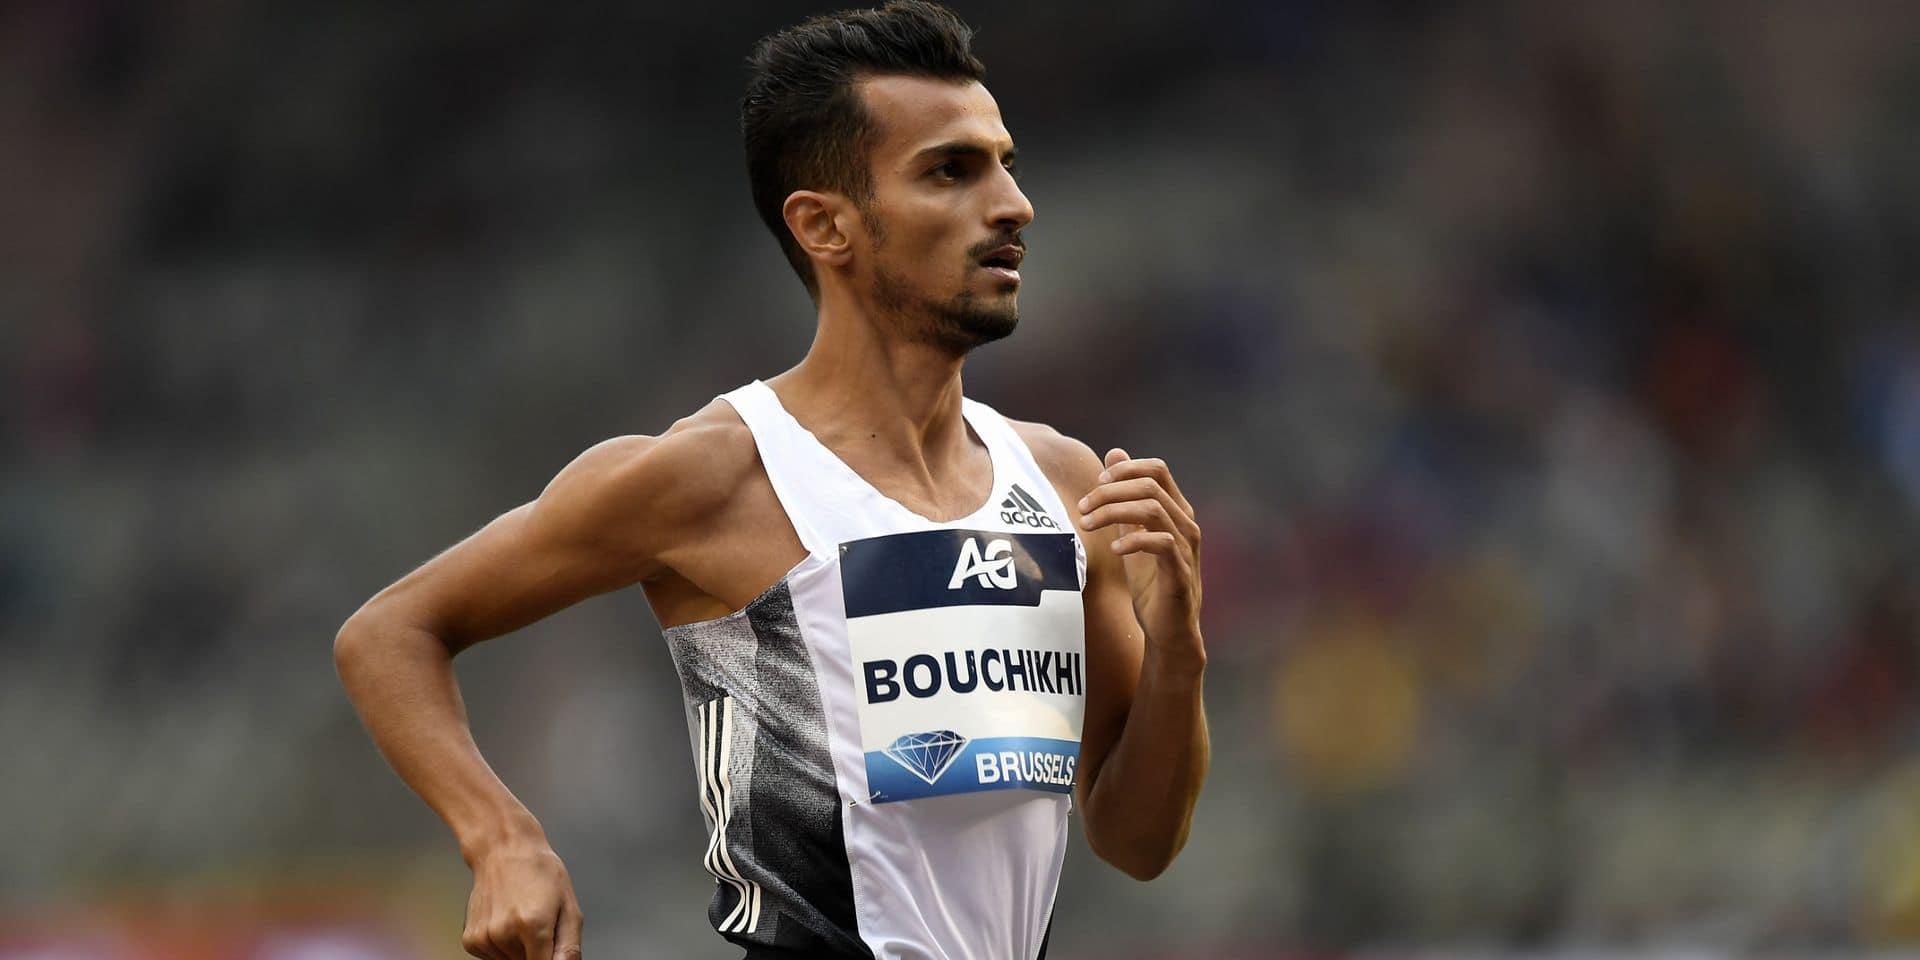 """Bouchikhi courra en pensant aux Jeux sur 10.000m: """"Je me situerai réellement par rapport aux autres Européens"""""""